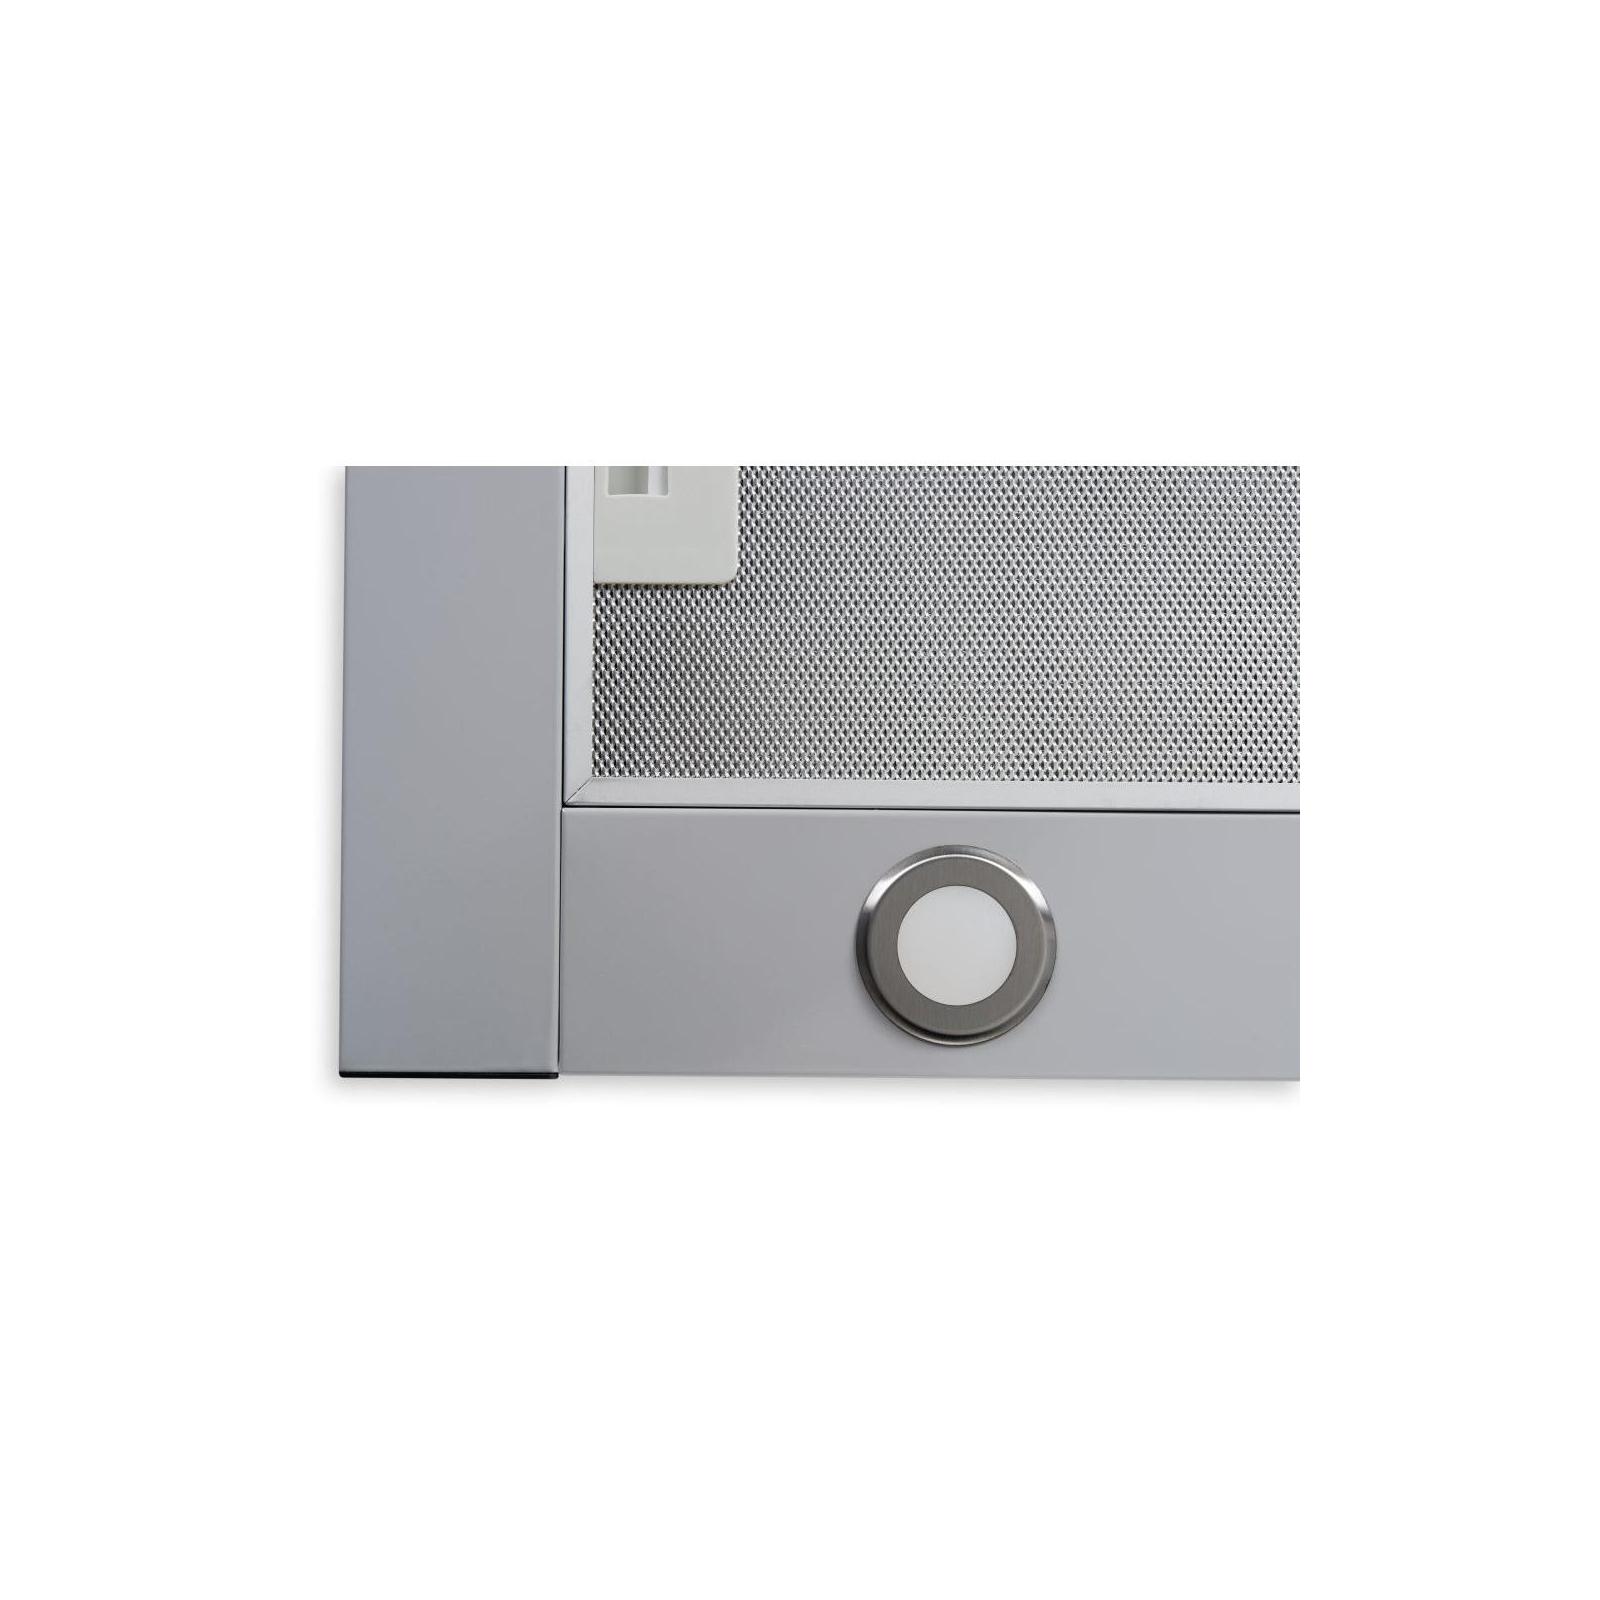 Вытяжка кухонная MINOLA HTL 6012 FULL INOX 450 LED изображение 7